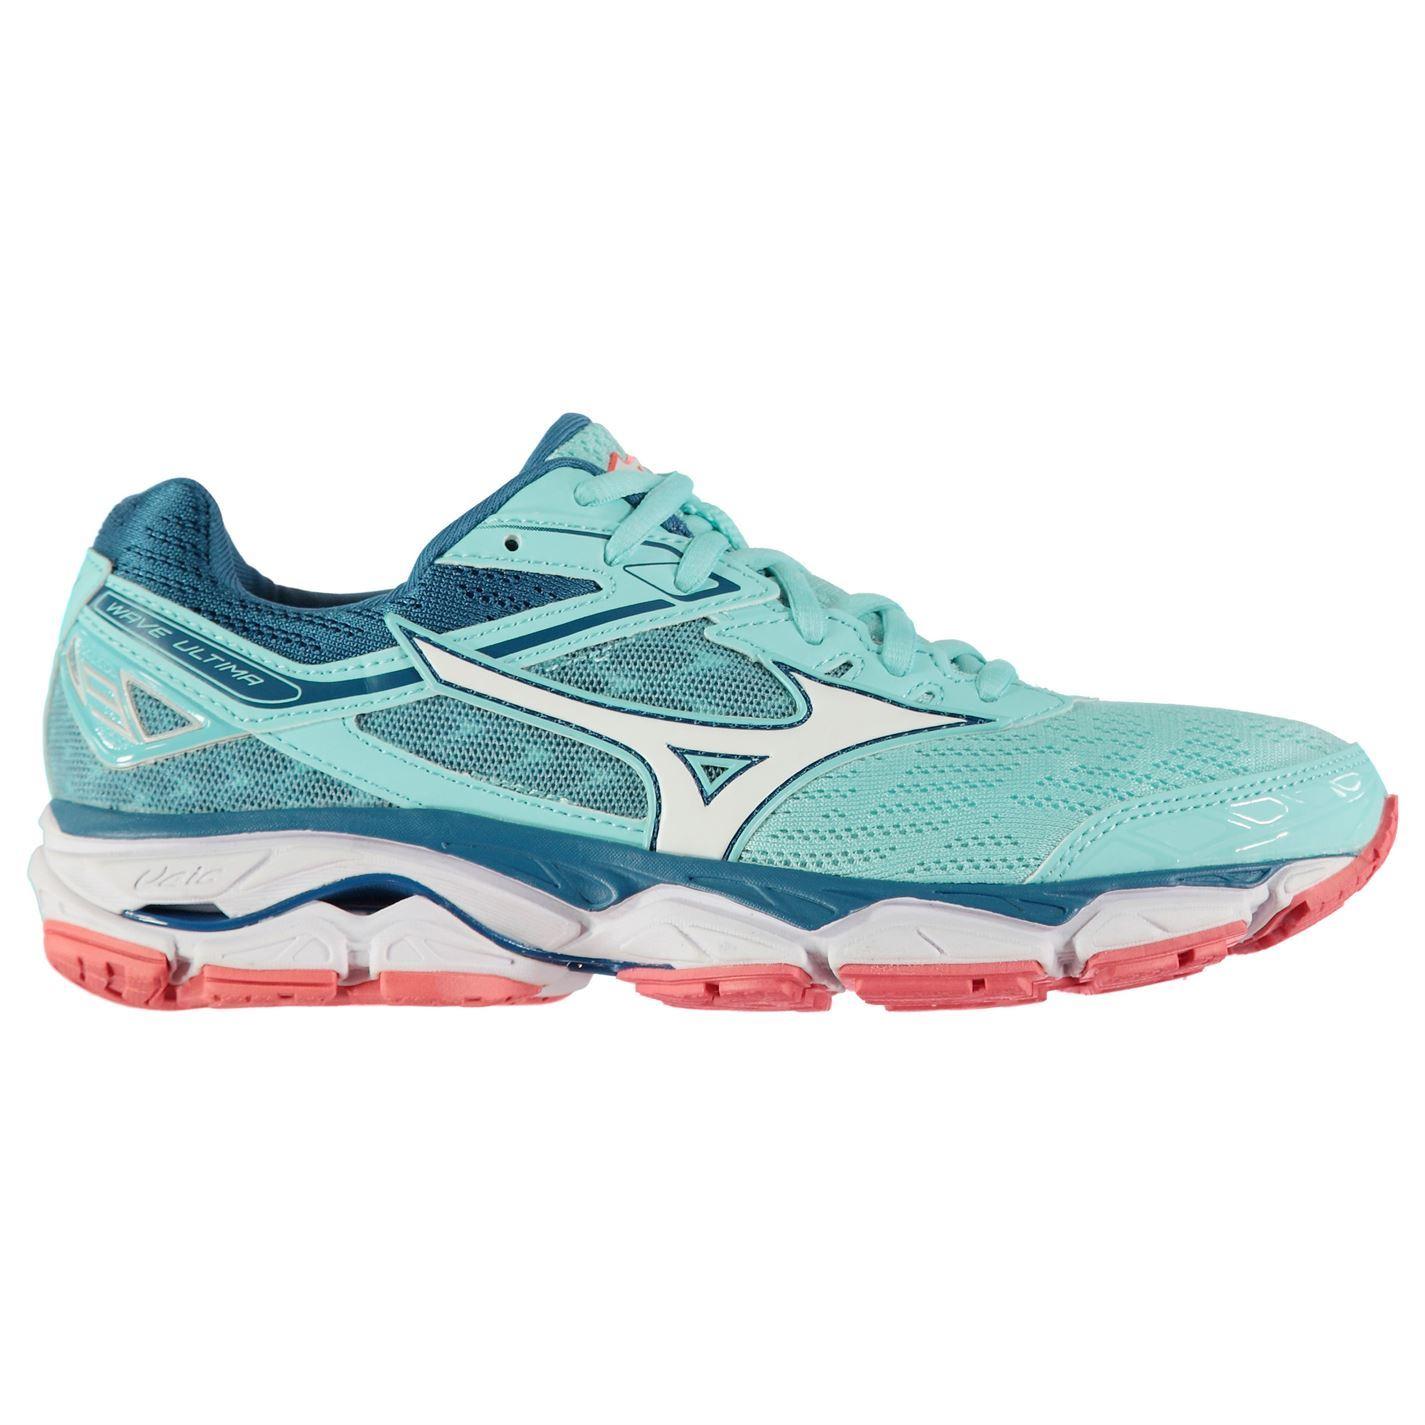 2e8700c567 Mizuno Womens Wave Ultima 9 Running Shoes Road